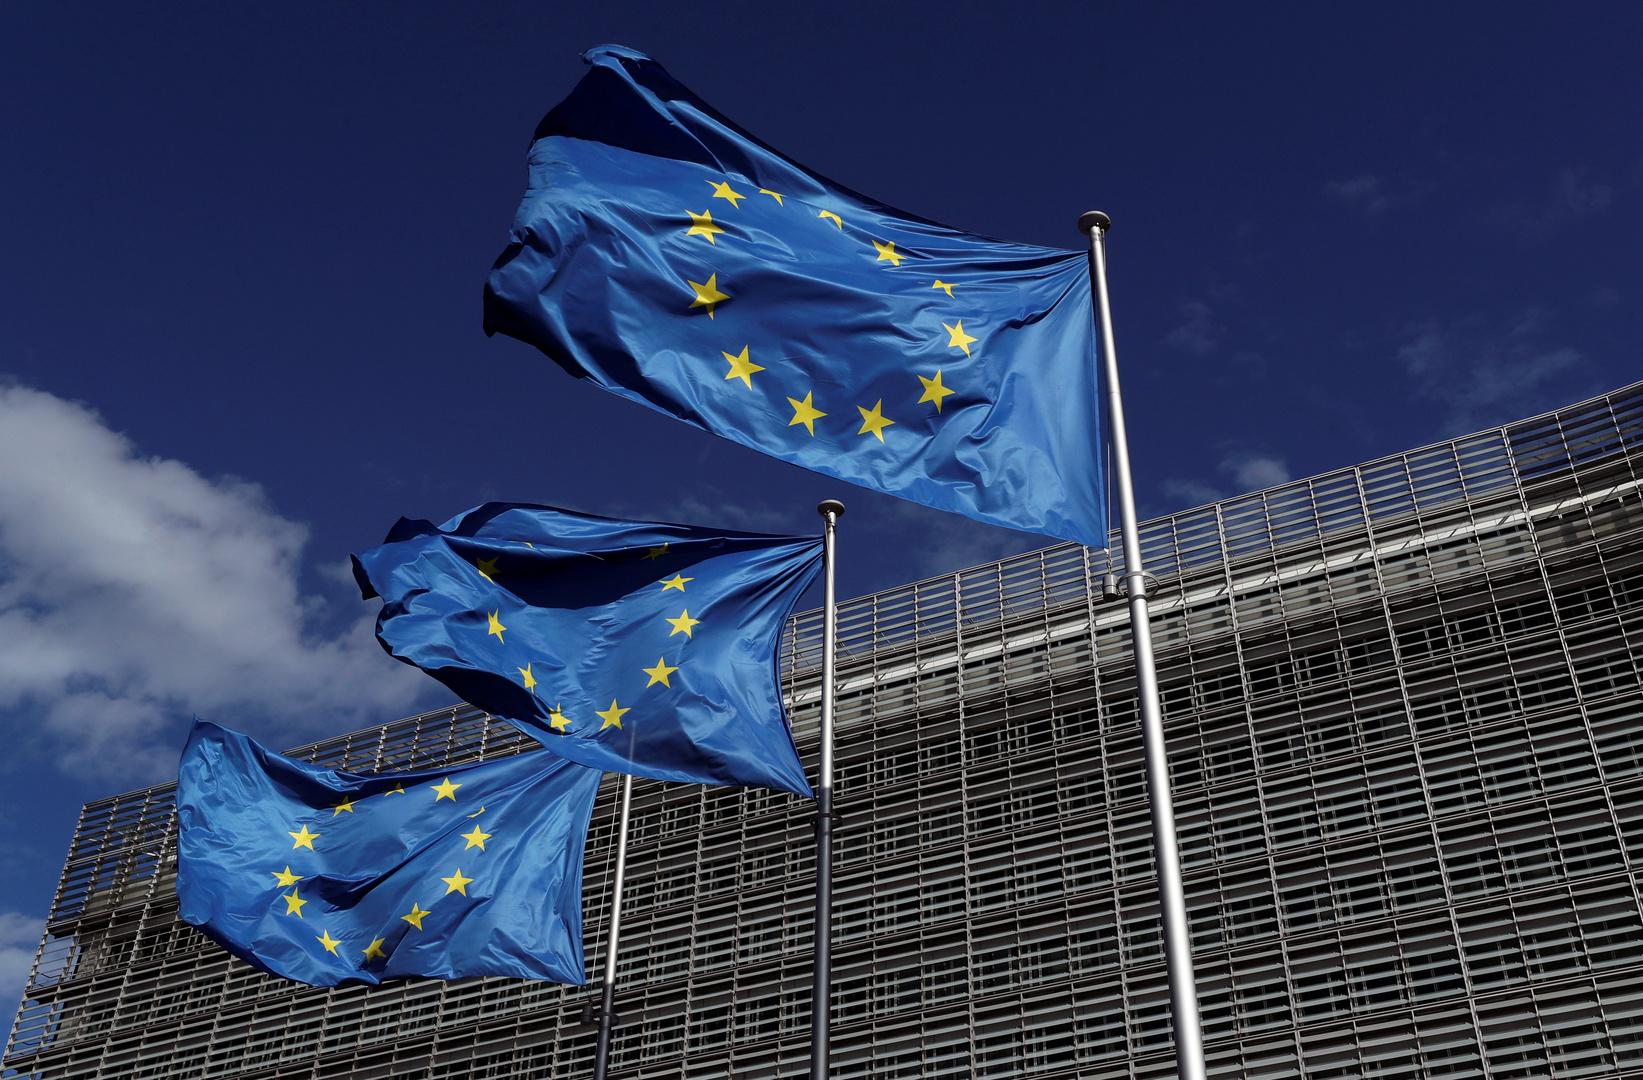 الاتحاد الأوروبي يقيم الحاجة لجرعة تعزيزية من لقاح فايزر